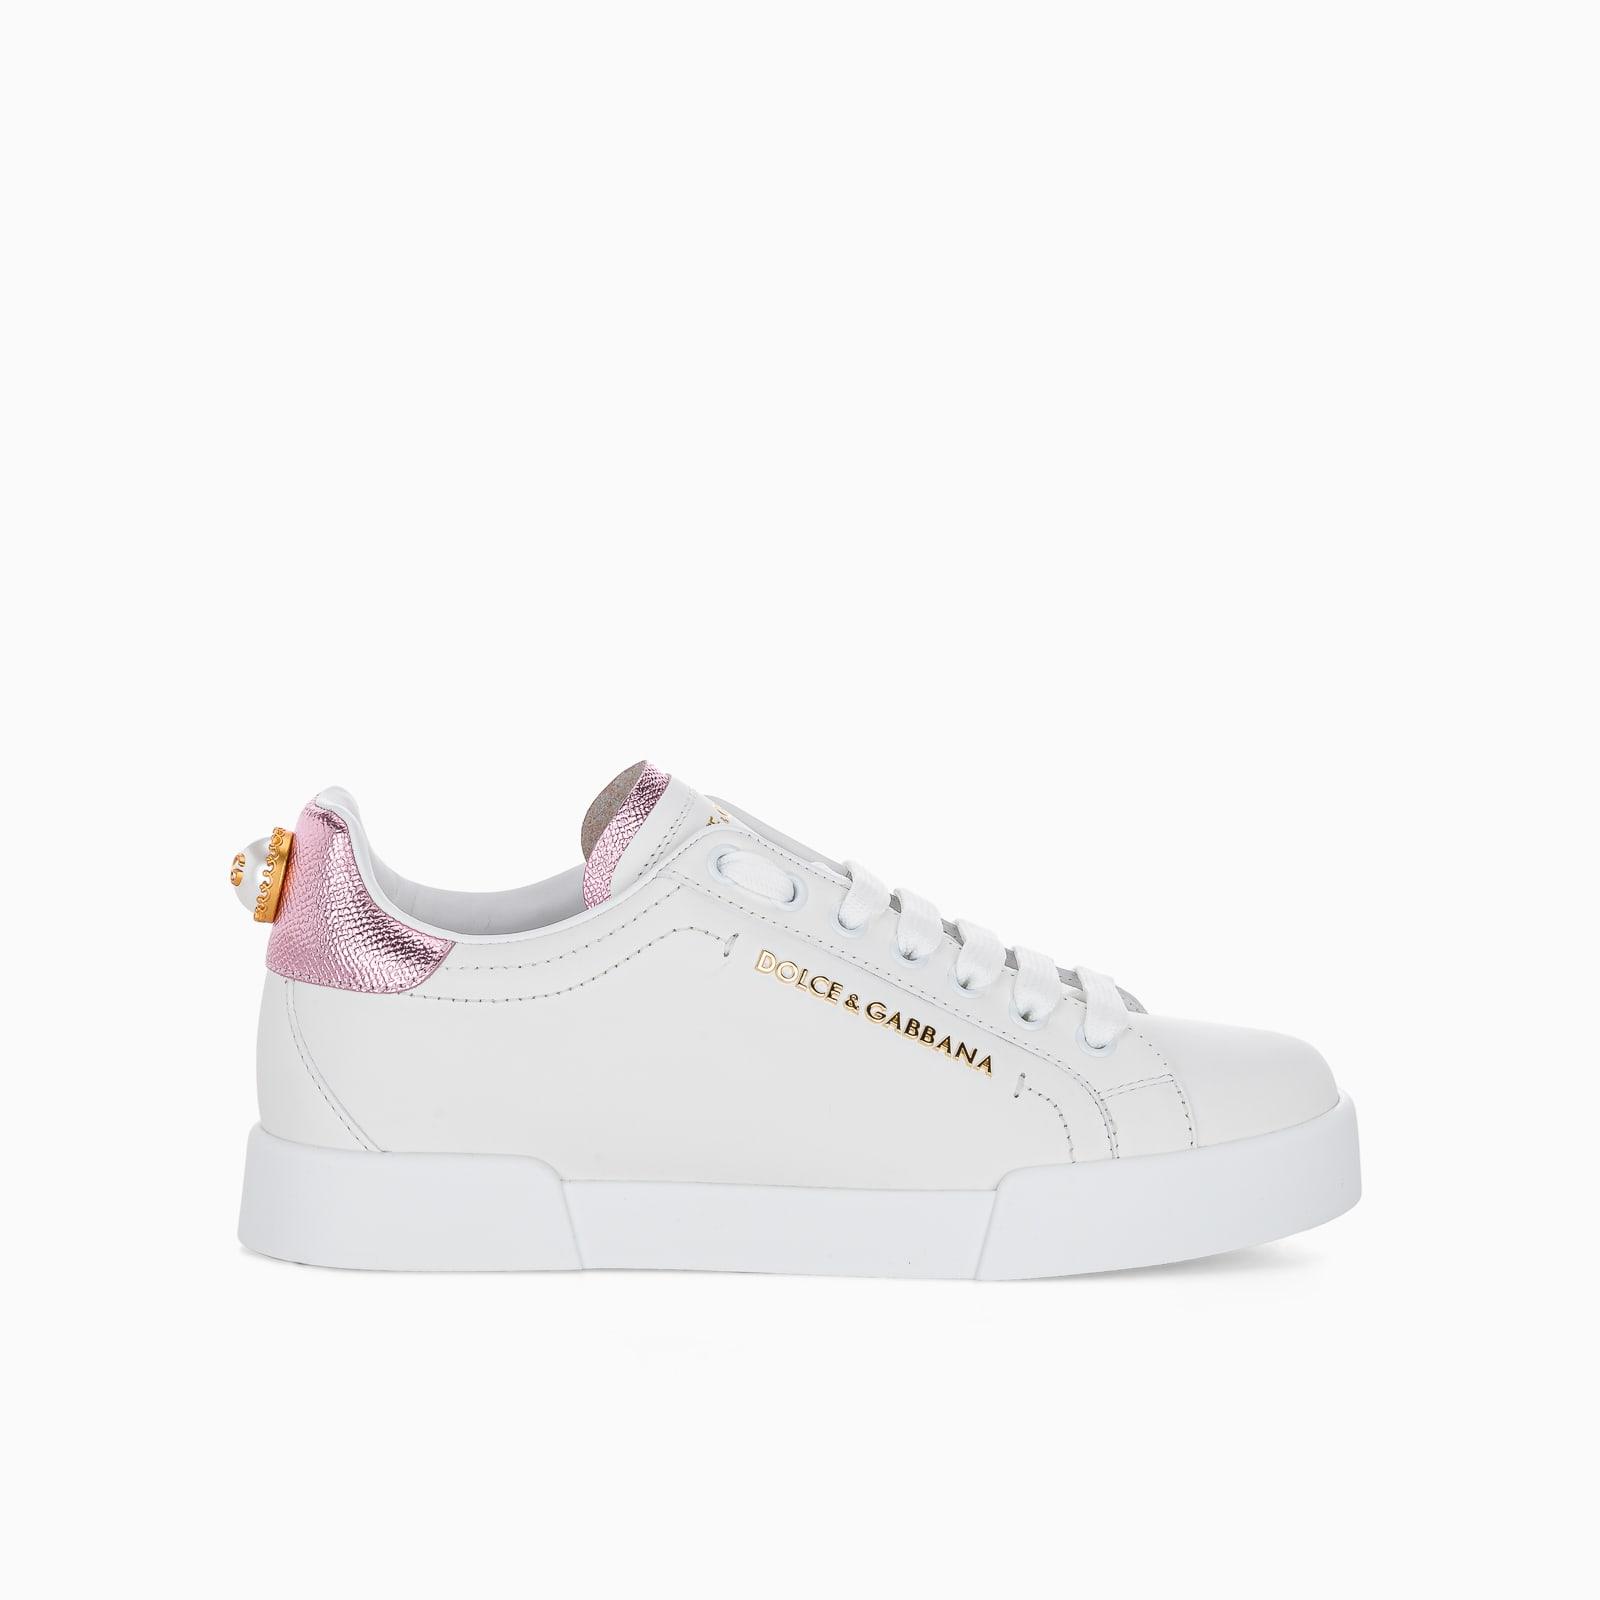 Dolce & Gabbana Portofino Sneakers In White Pink